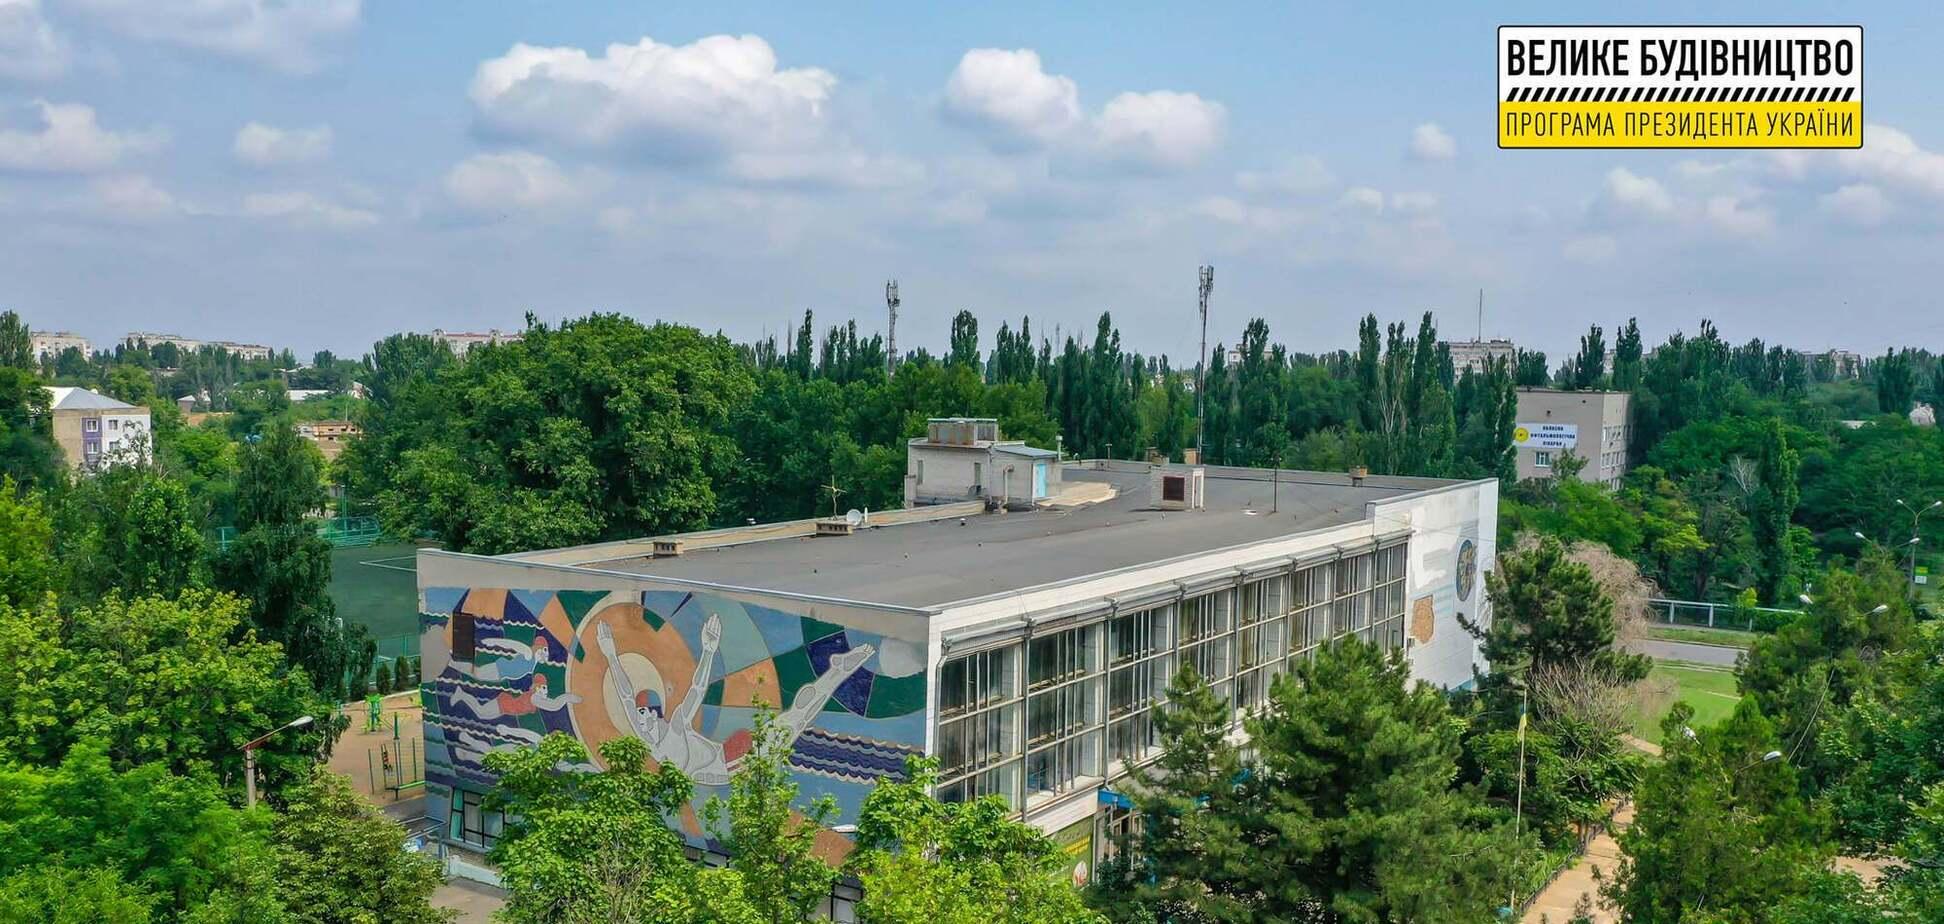 'Велике будівництво' Зеленського реконструює п'ятдесятирічний басейн у Миколаєві